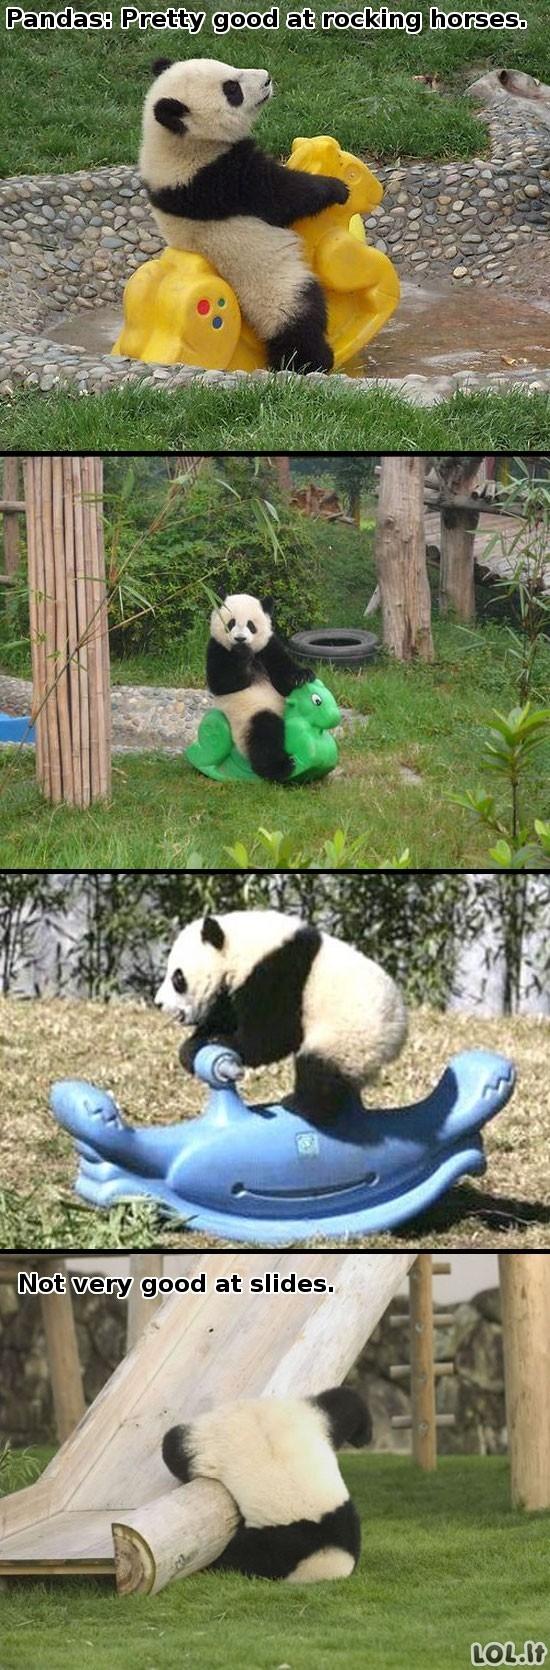 Pandų gebėjimai